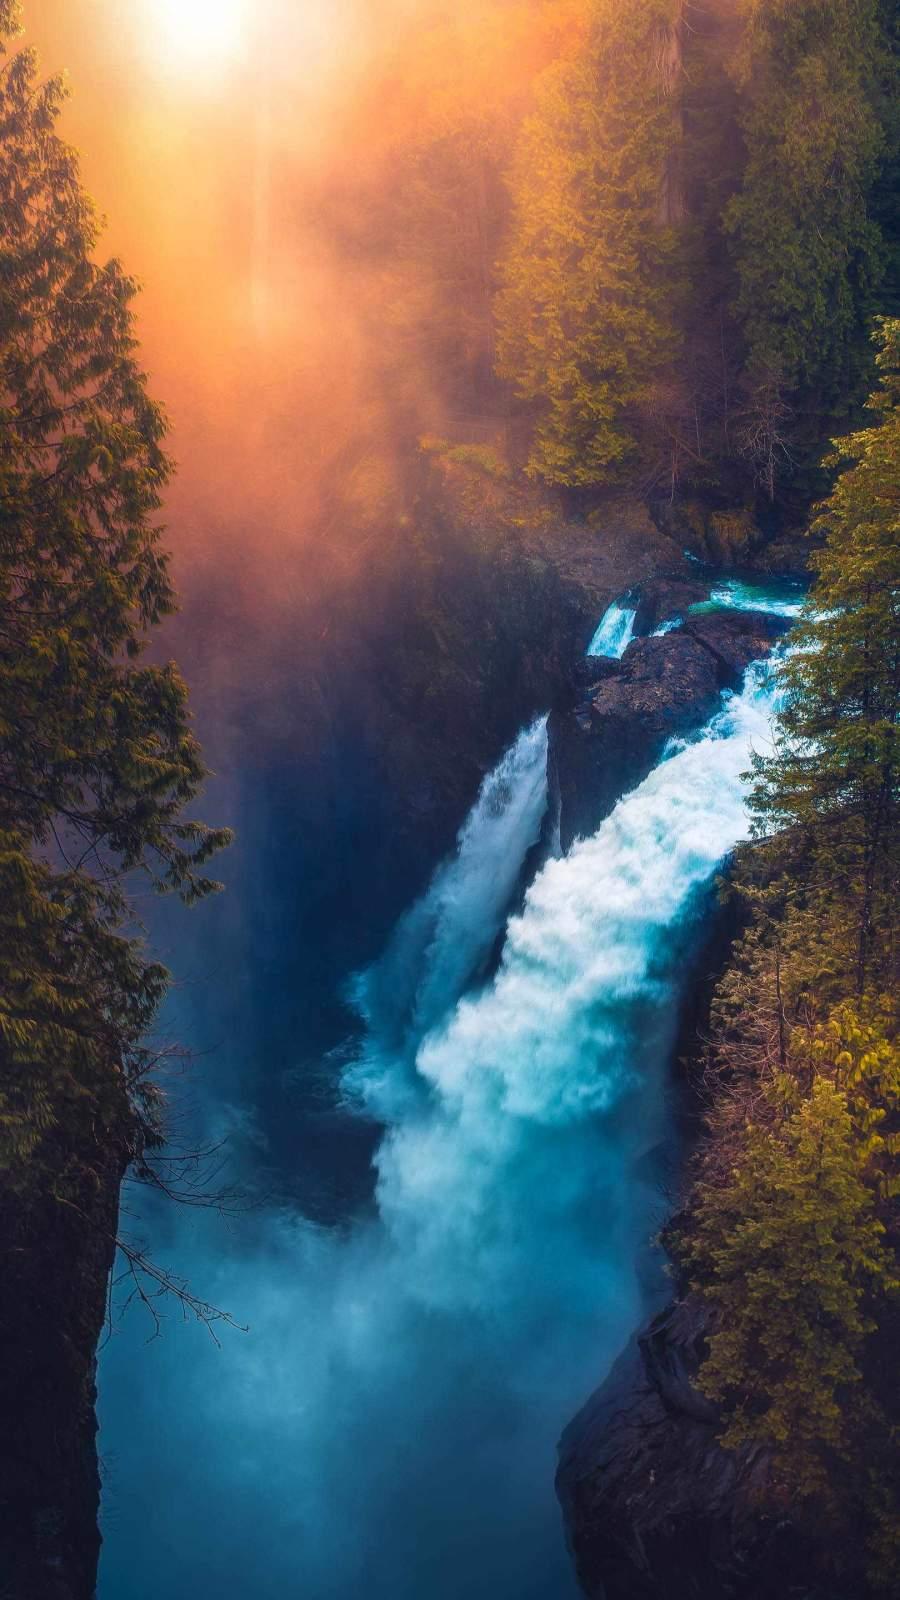 Nature Sunrise Waterfall iPhone Wallpaper